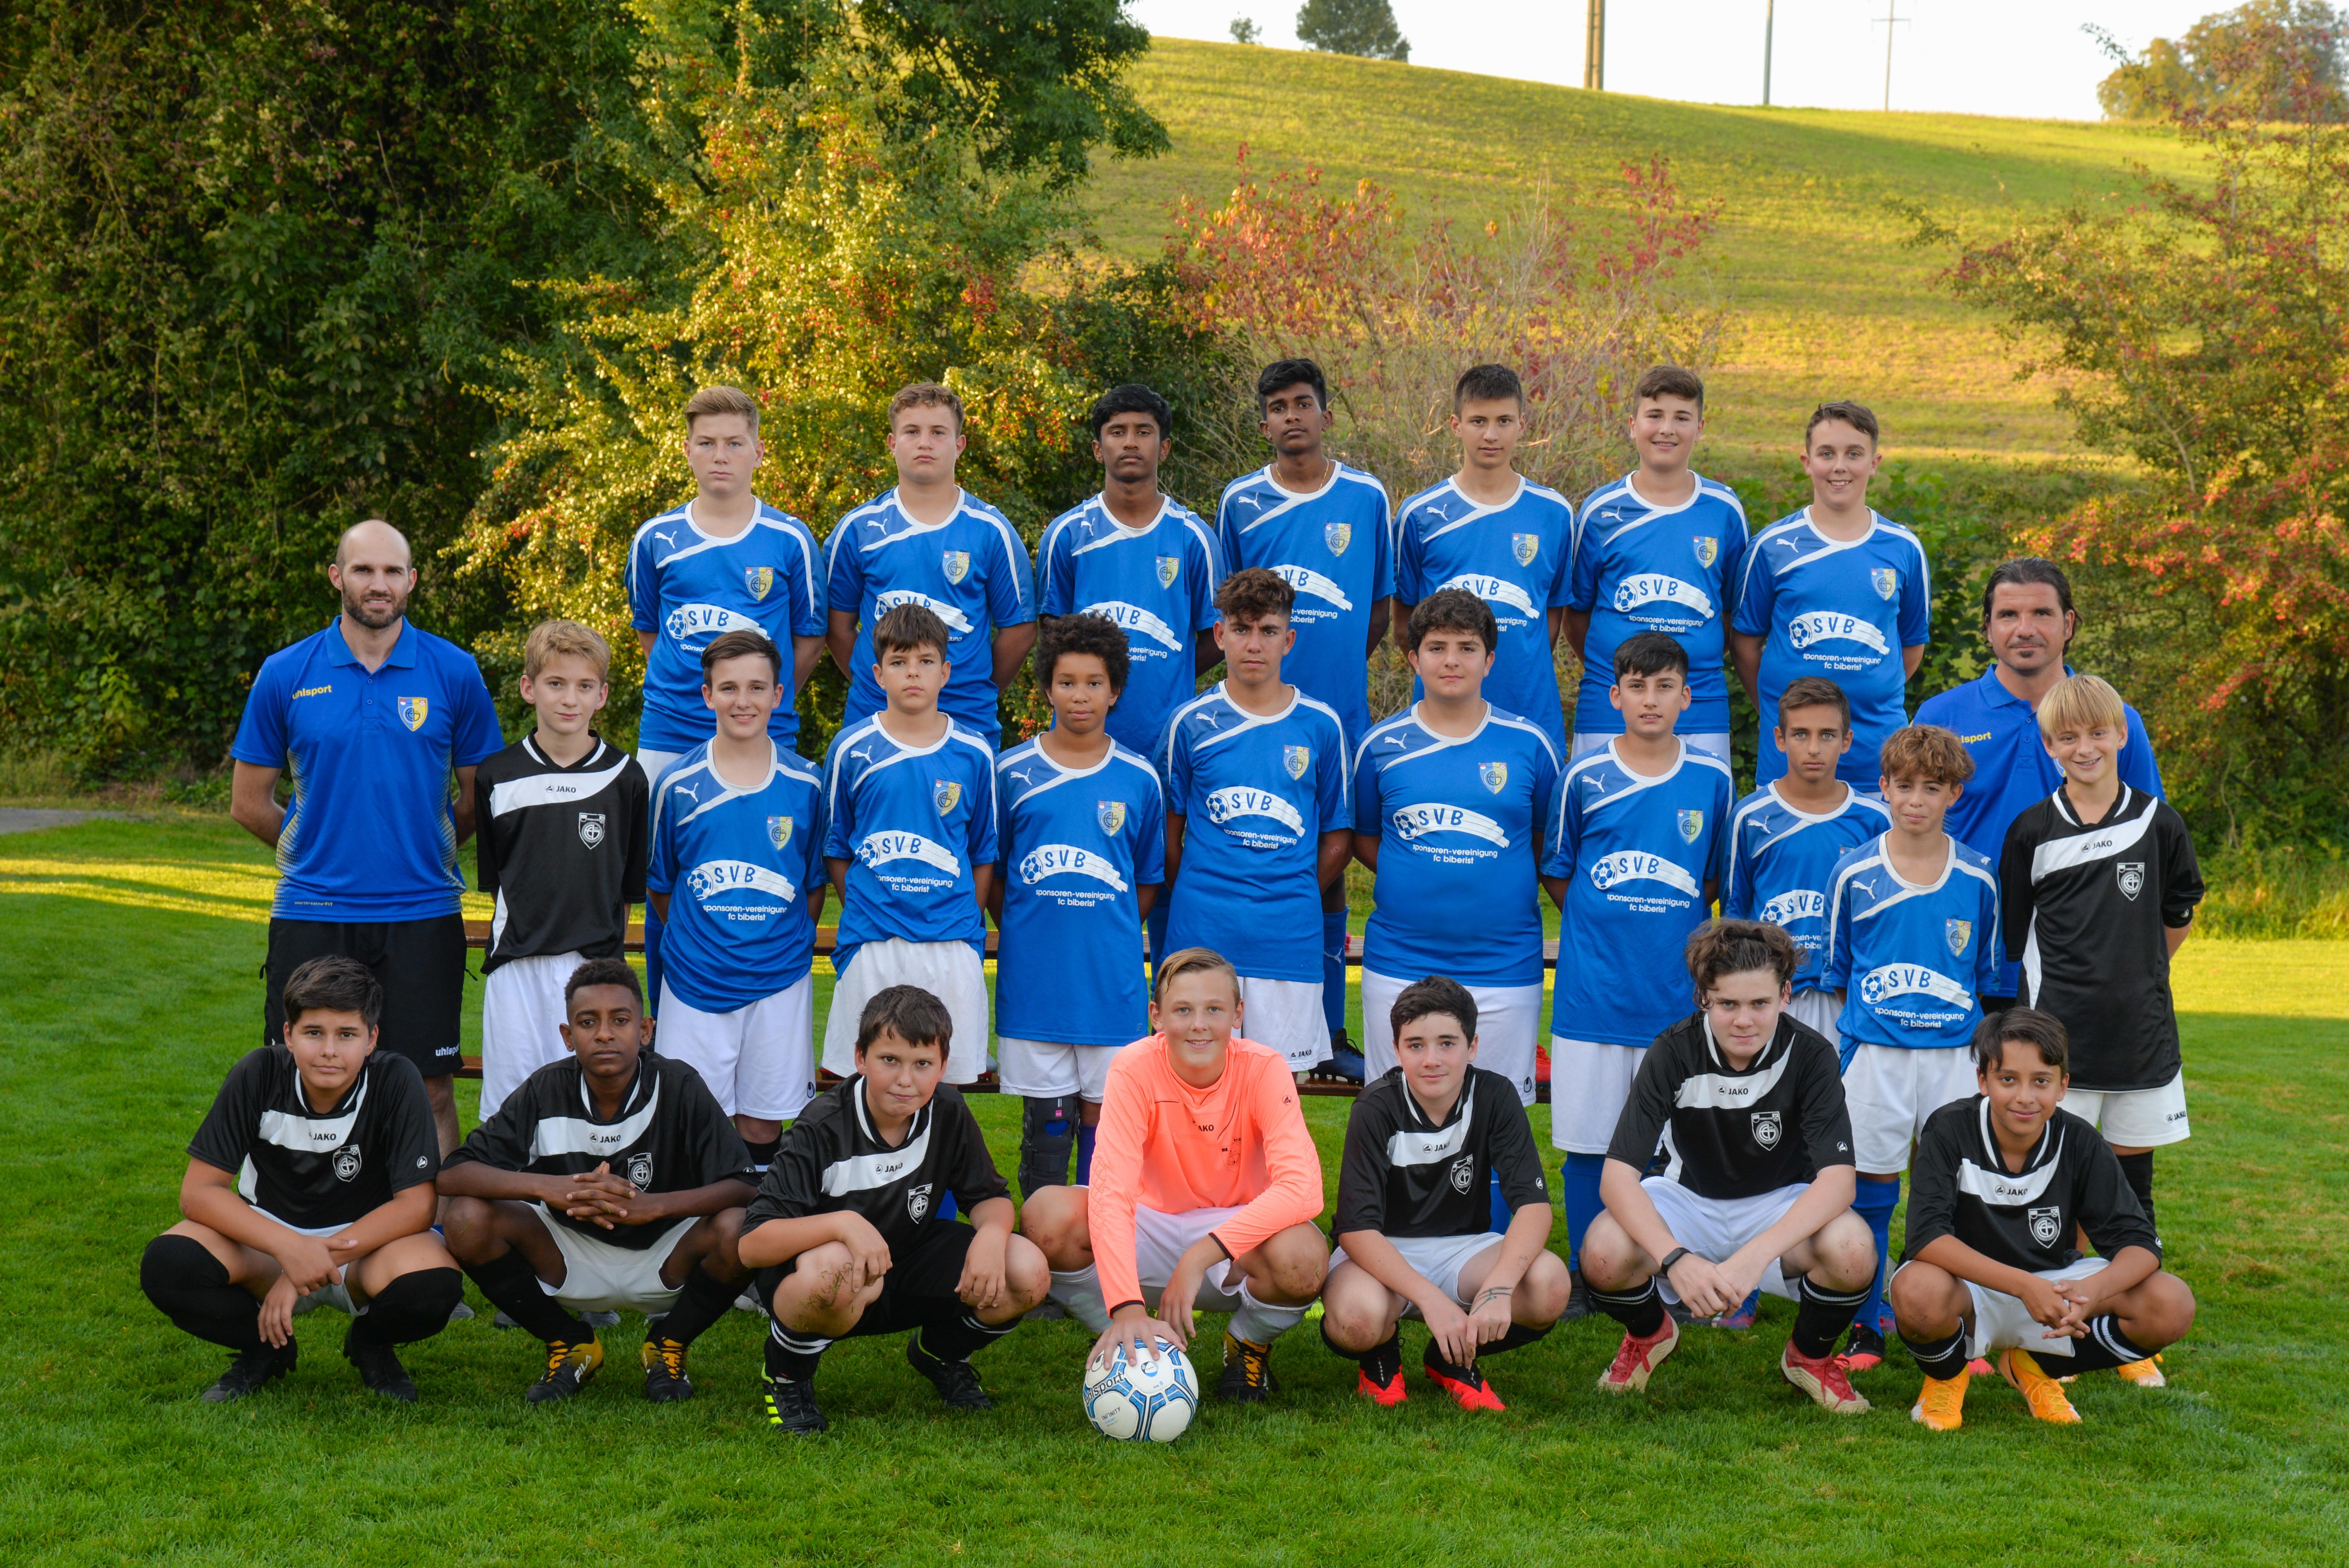 Junioren C 2020/2021